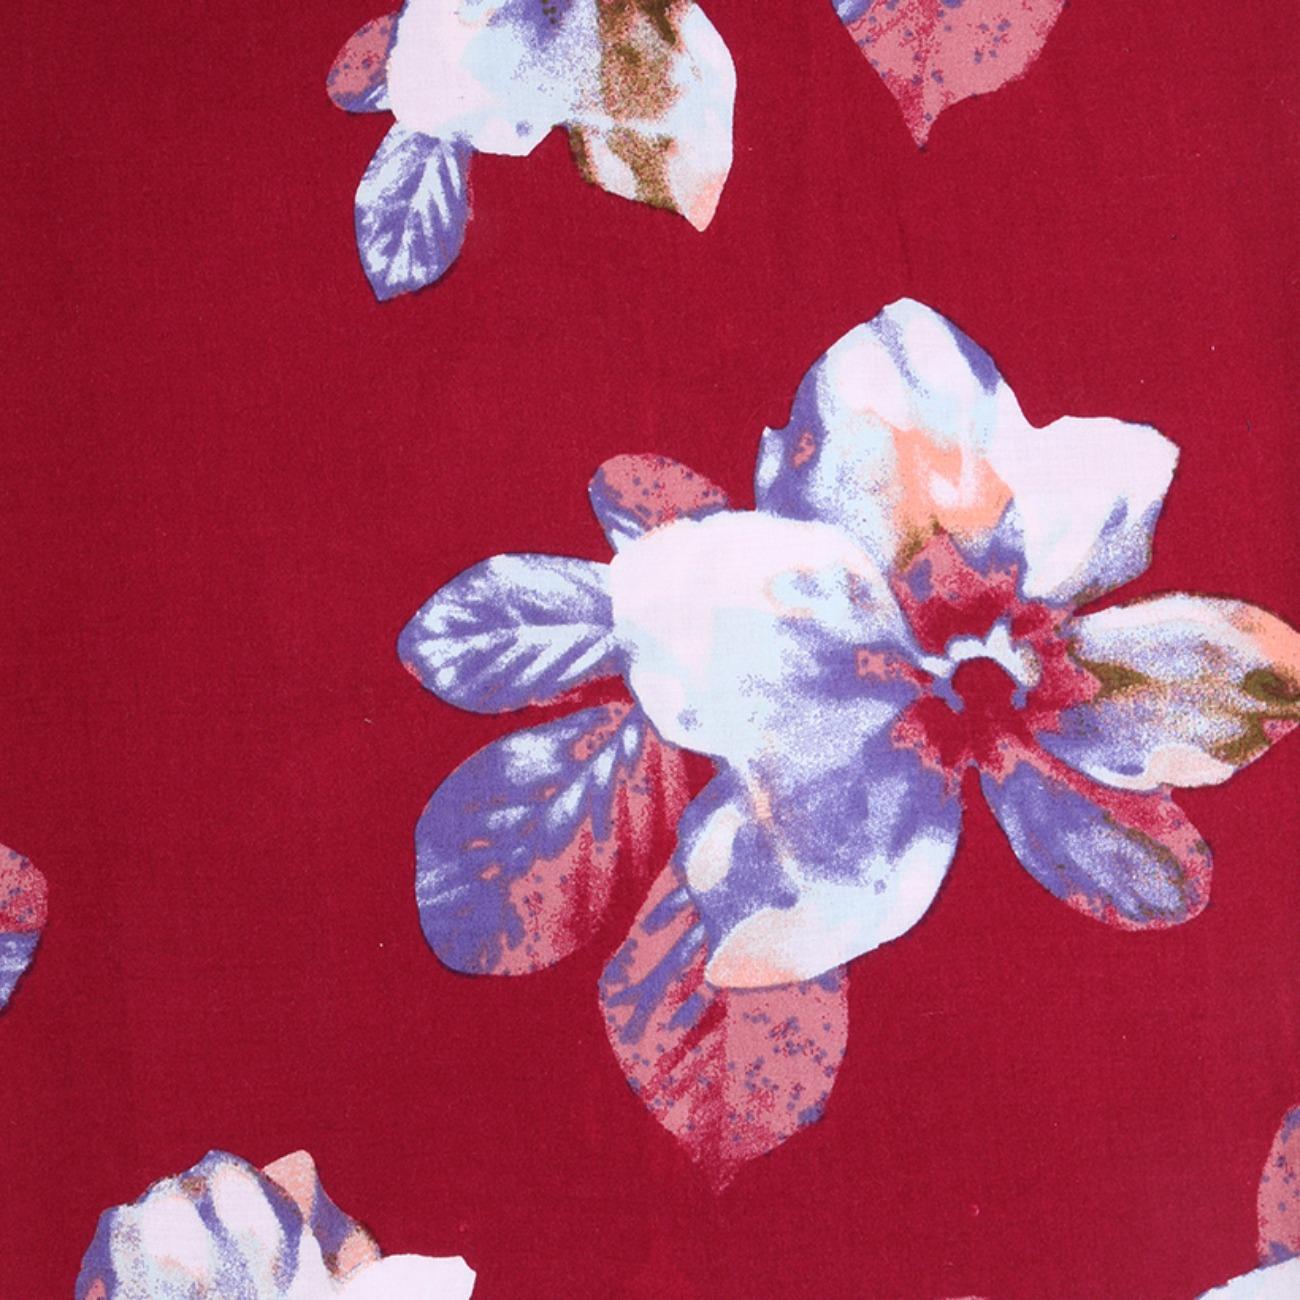 人棉期货花朵梭织印花无弹衬衫连衣裙 短裙 薄 棉感 70522-78